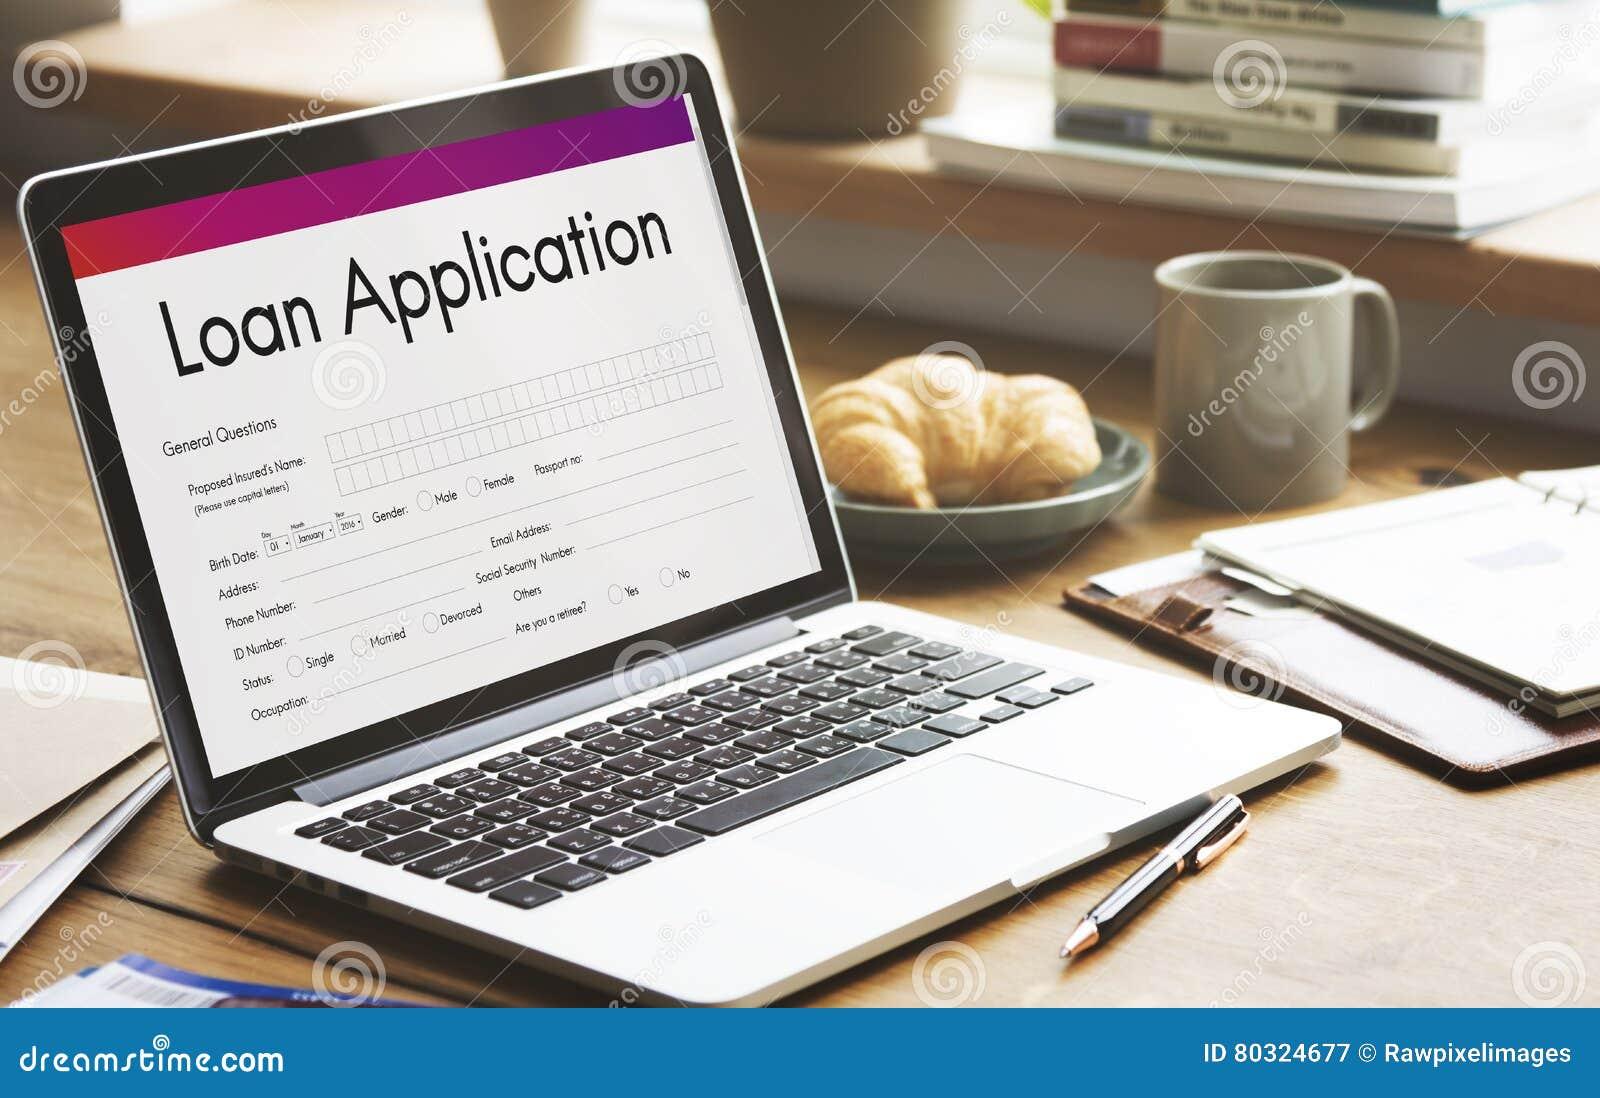 Kreditvorlage-Finanzhilfsform-Konzept Stockbild - Bild von connect ...